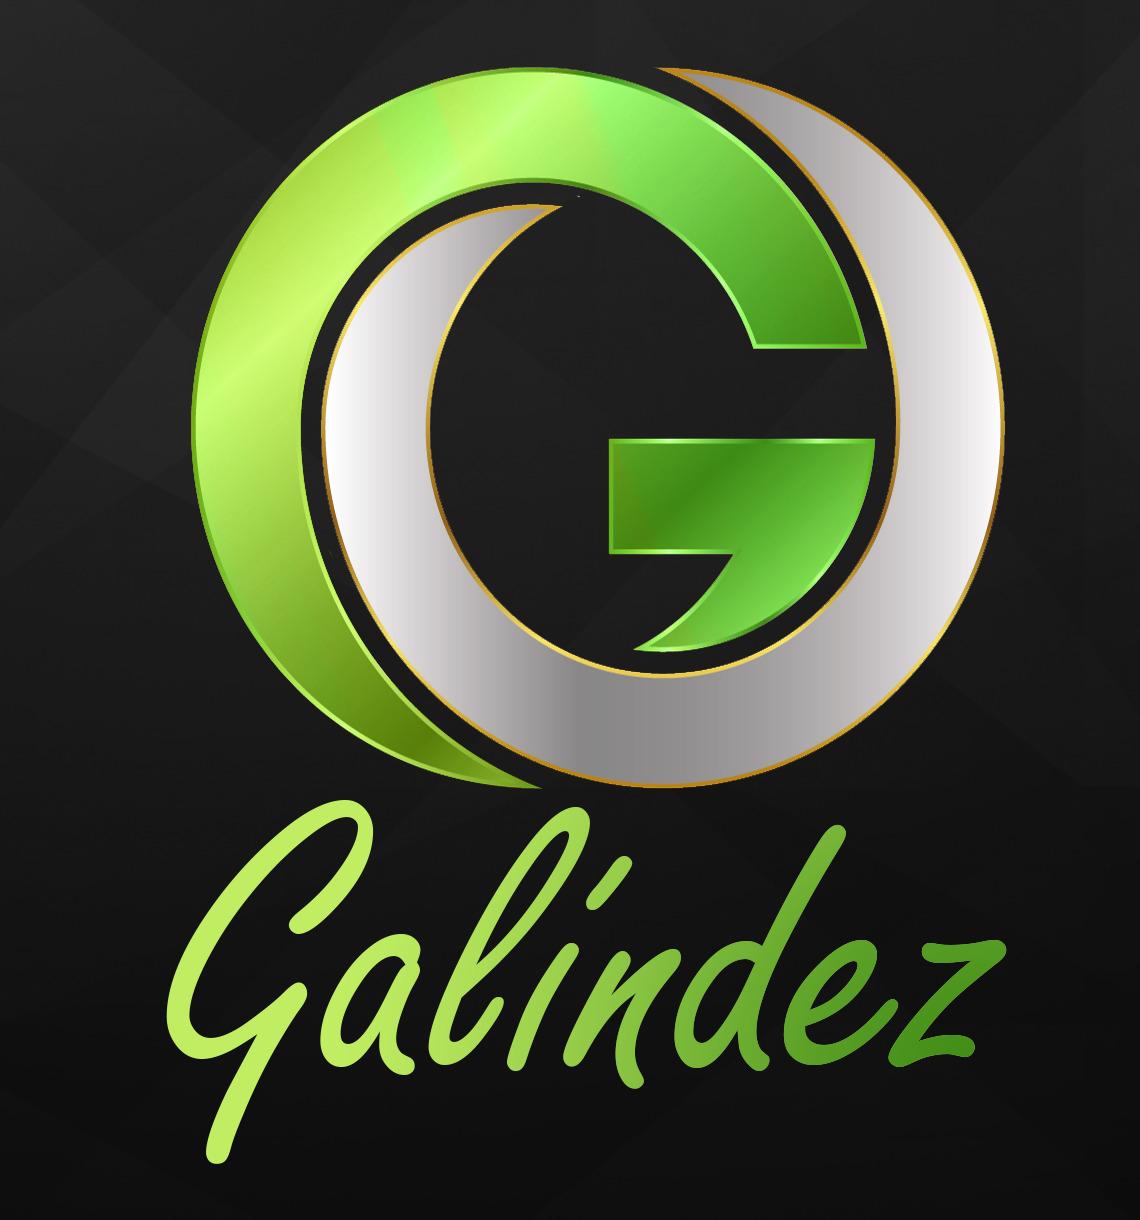 Logotipo sobre fondo oscuro